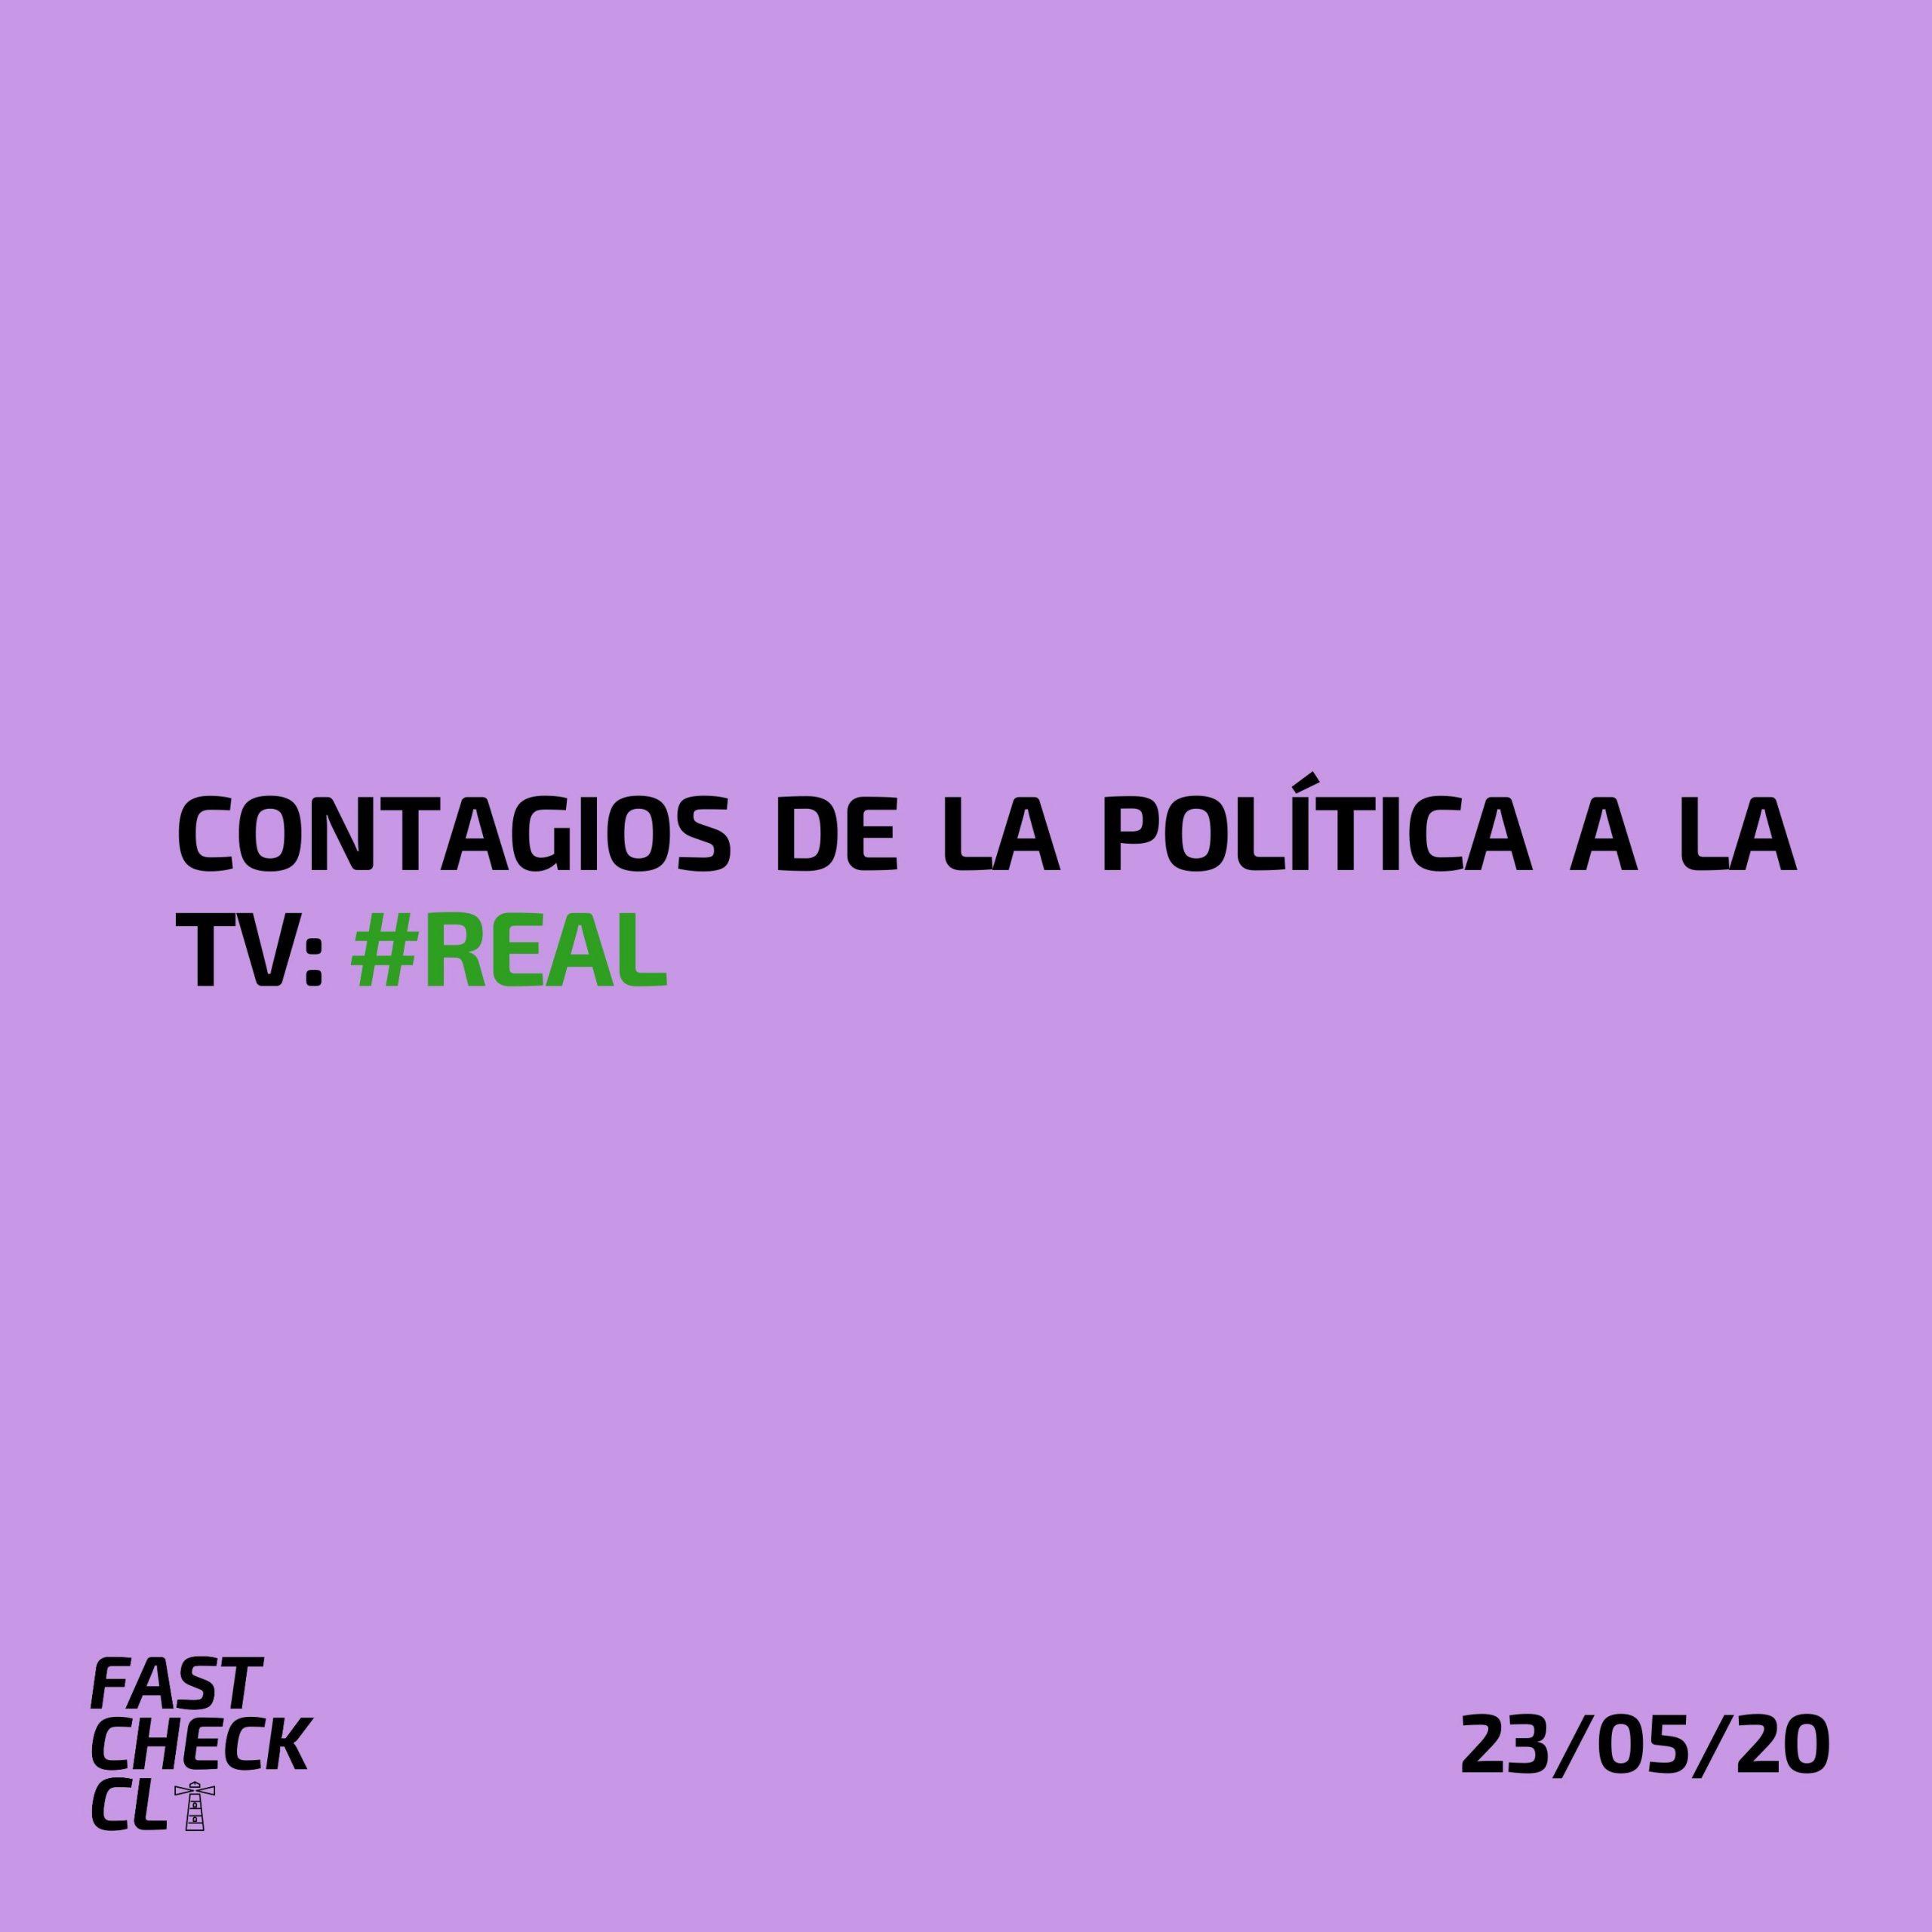 Contagios de la política a la TV: #Real